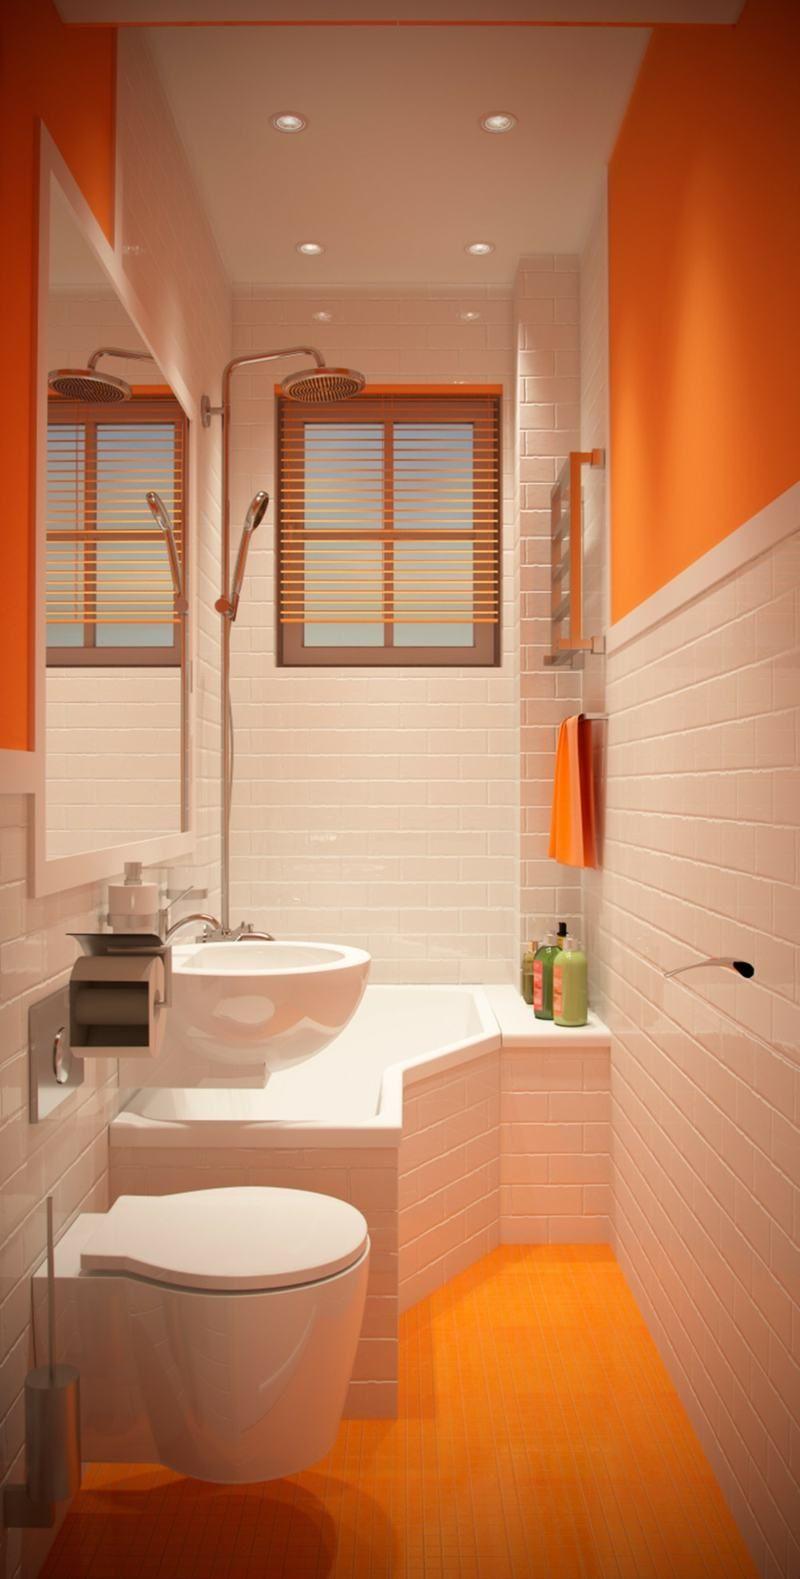 Petite salle de bains avec WC: 55 idées de meubles et déco ...